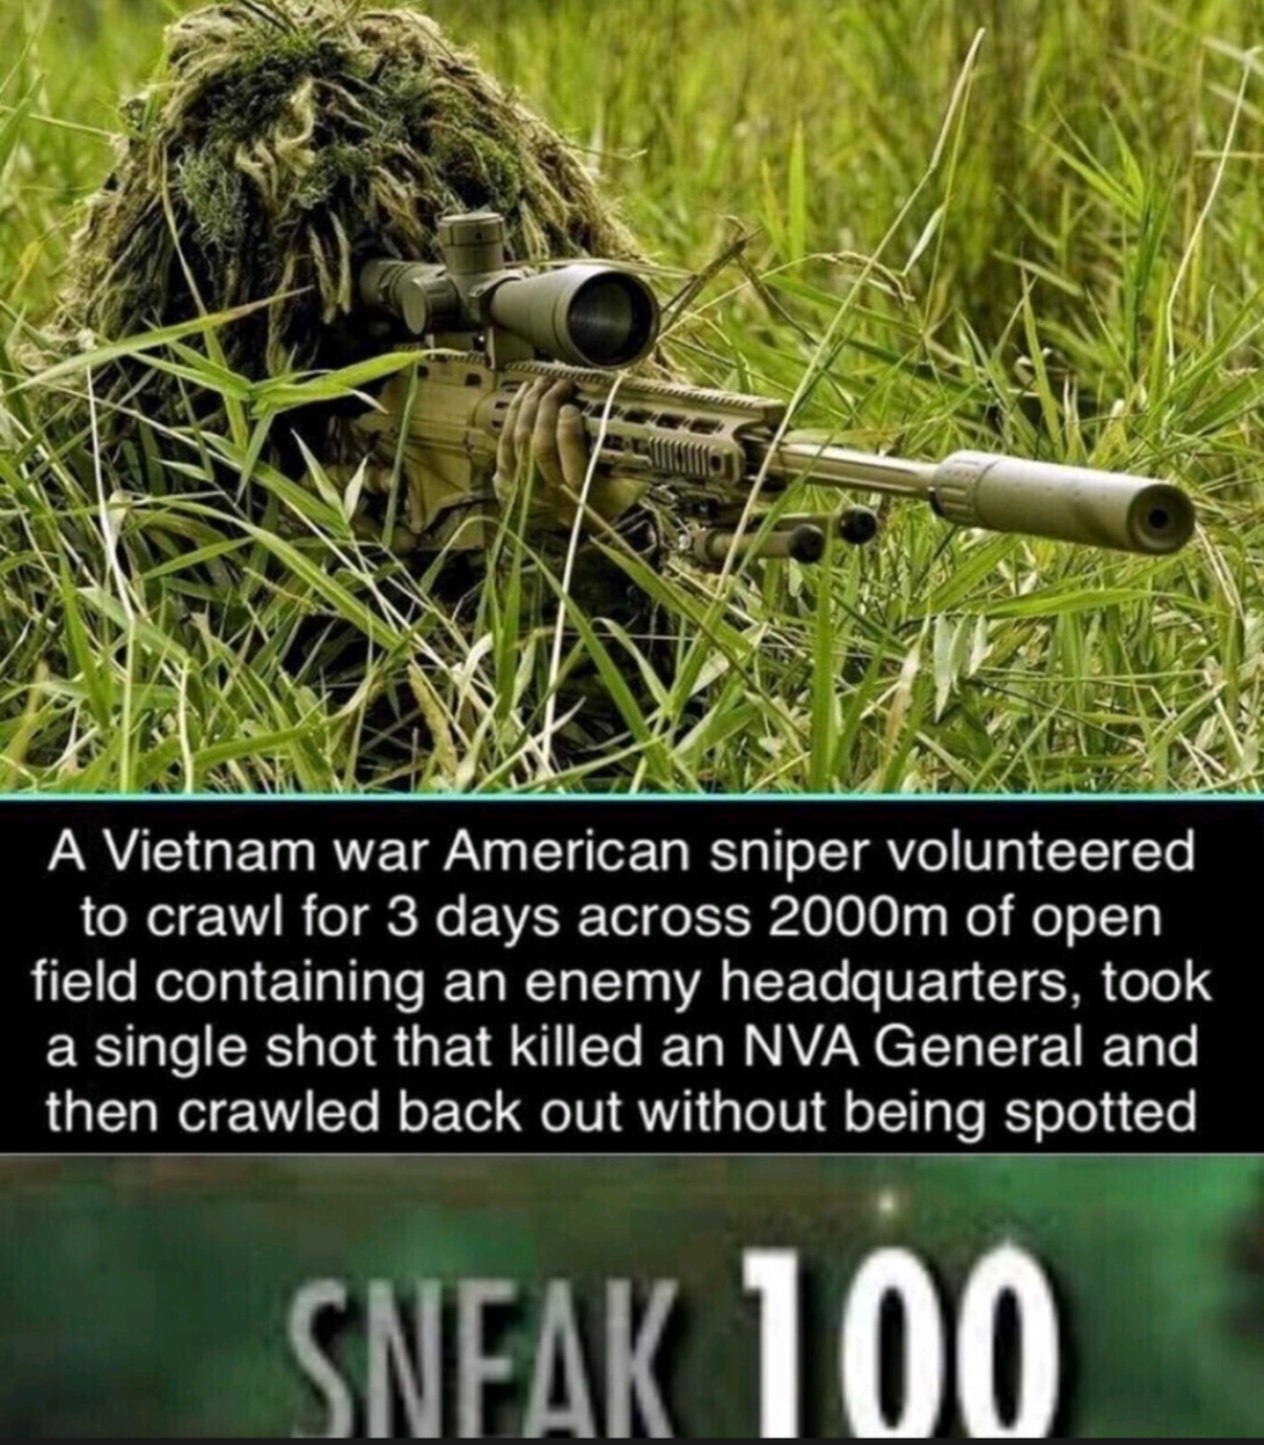 Sneak 100 - meme